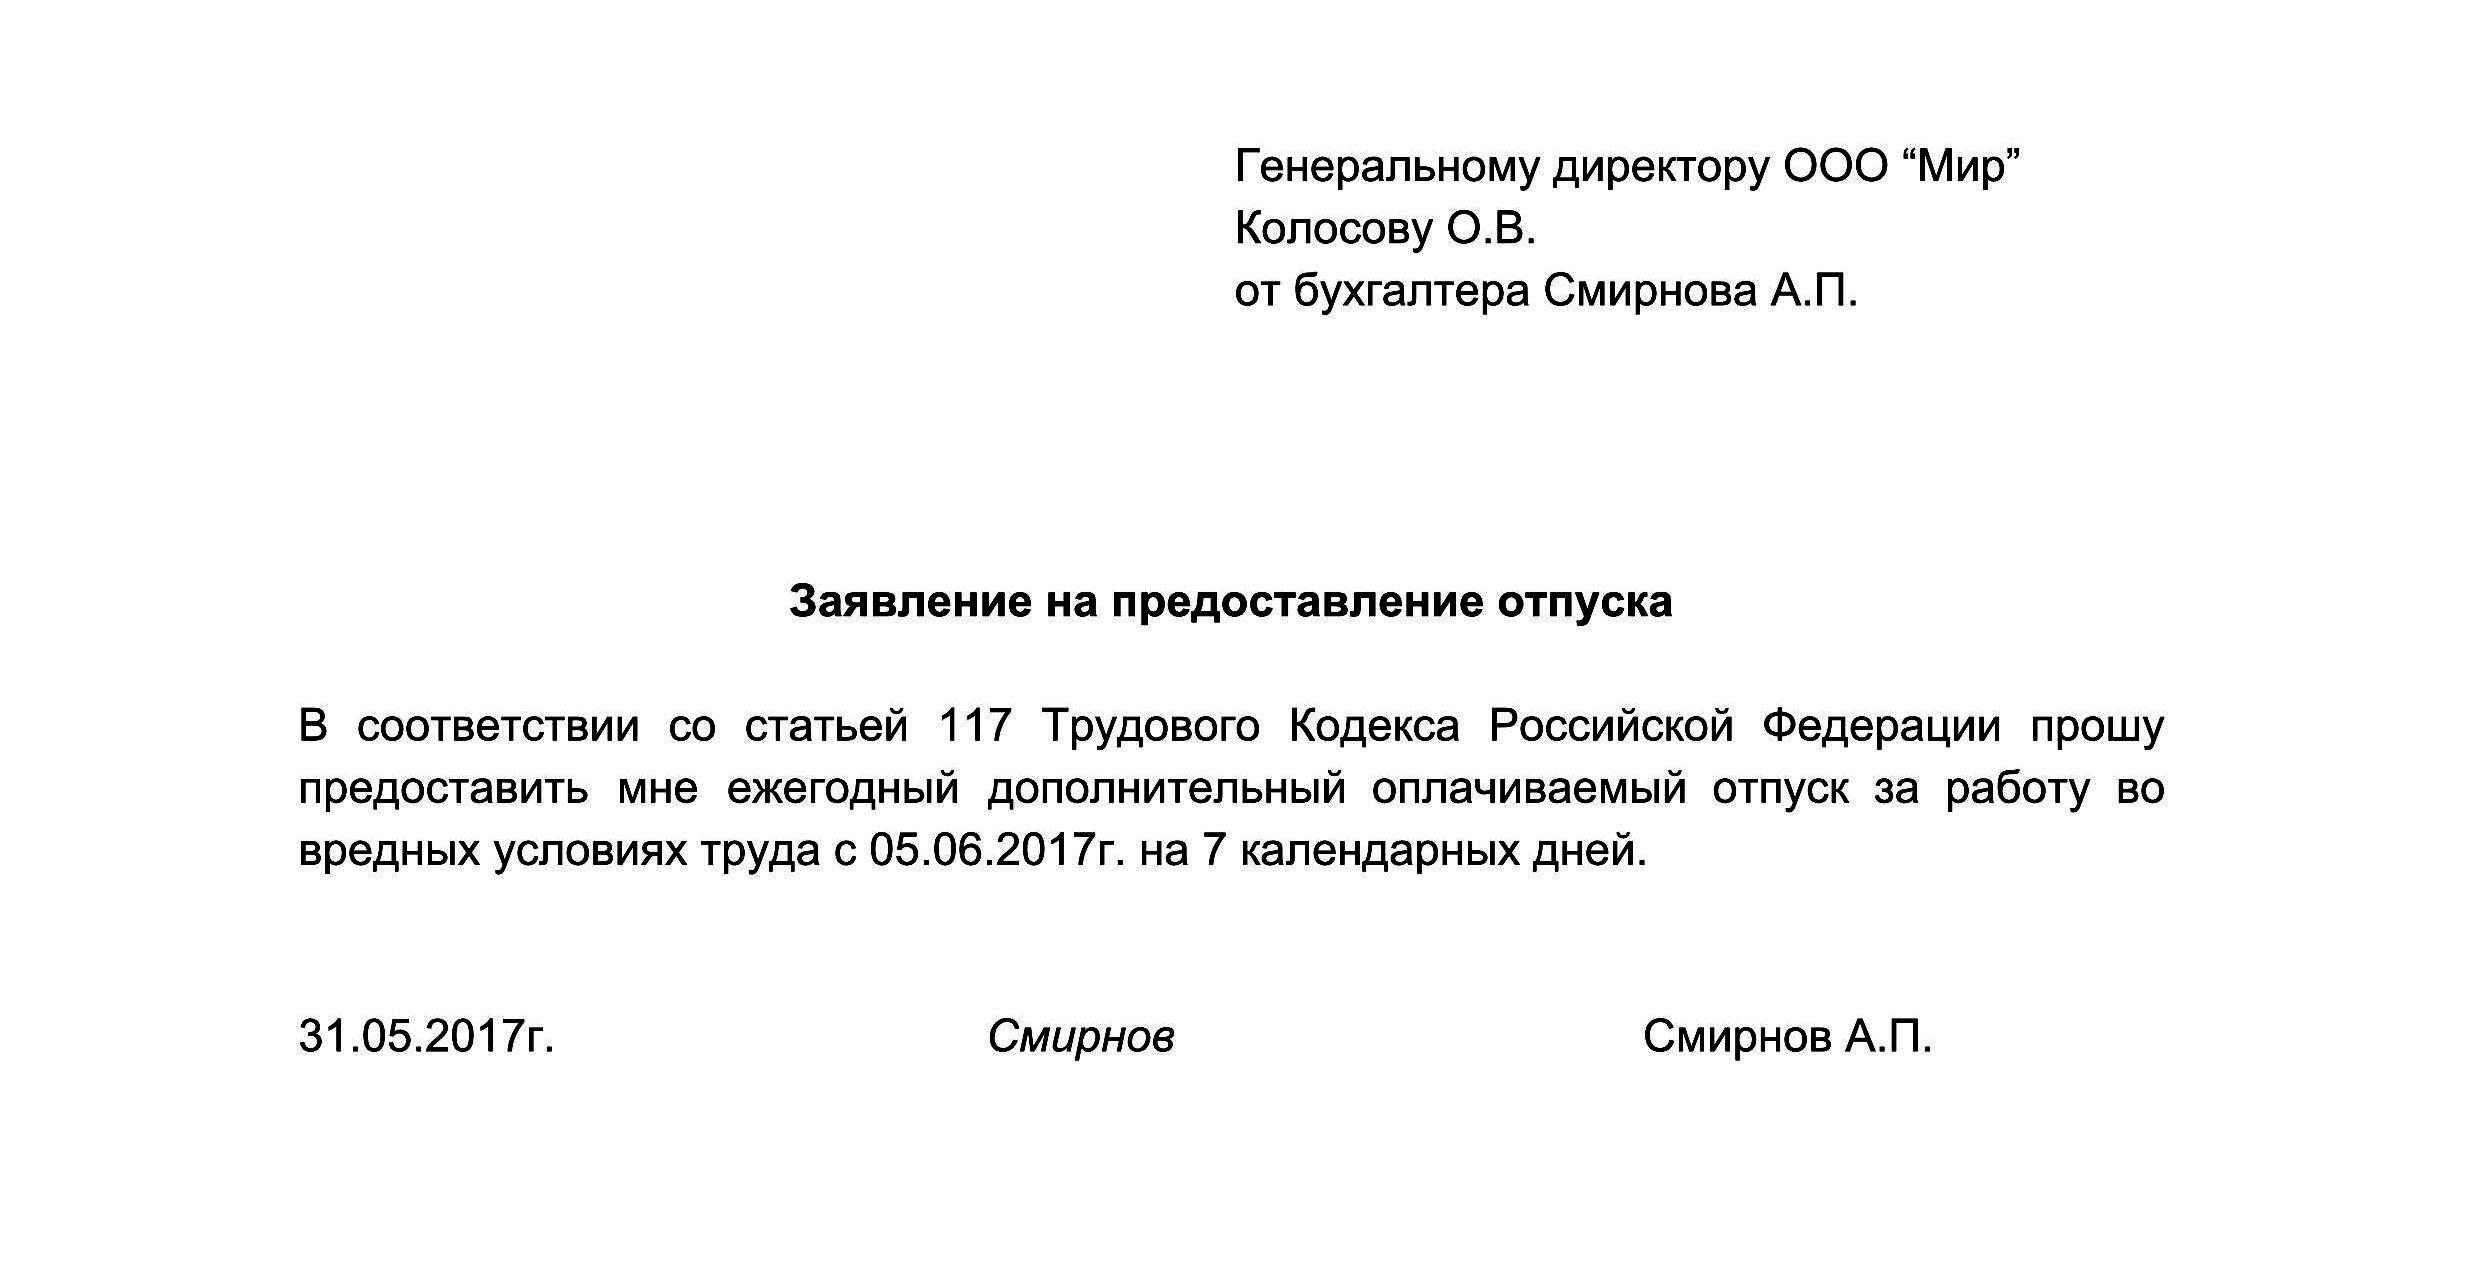 Примерное заявление на предоставление отпуска по статье 117 Трудового кодекса РФ